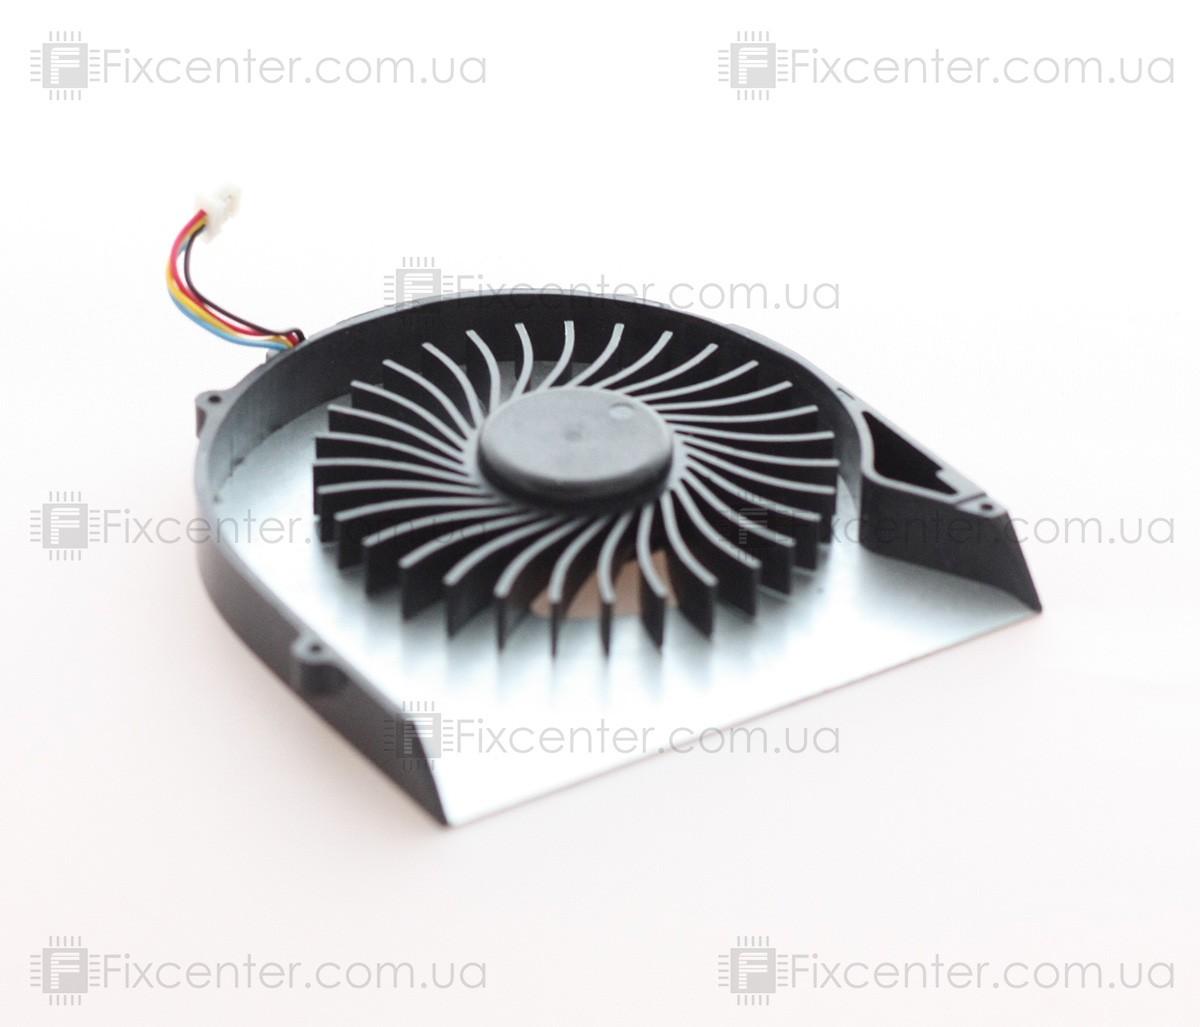 Вентилятор (кулер) для ноутбука Lenovo B570, B575, V570, Z570, Z575 Оригинал